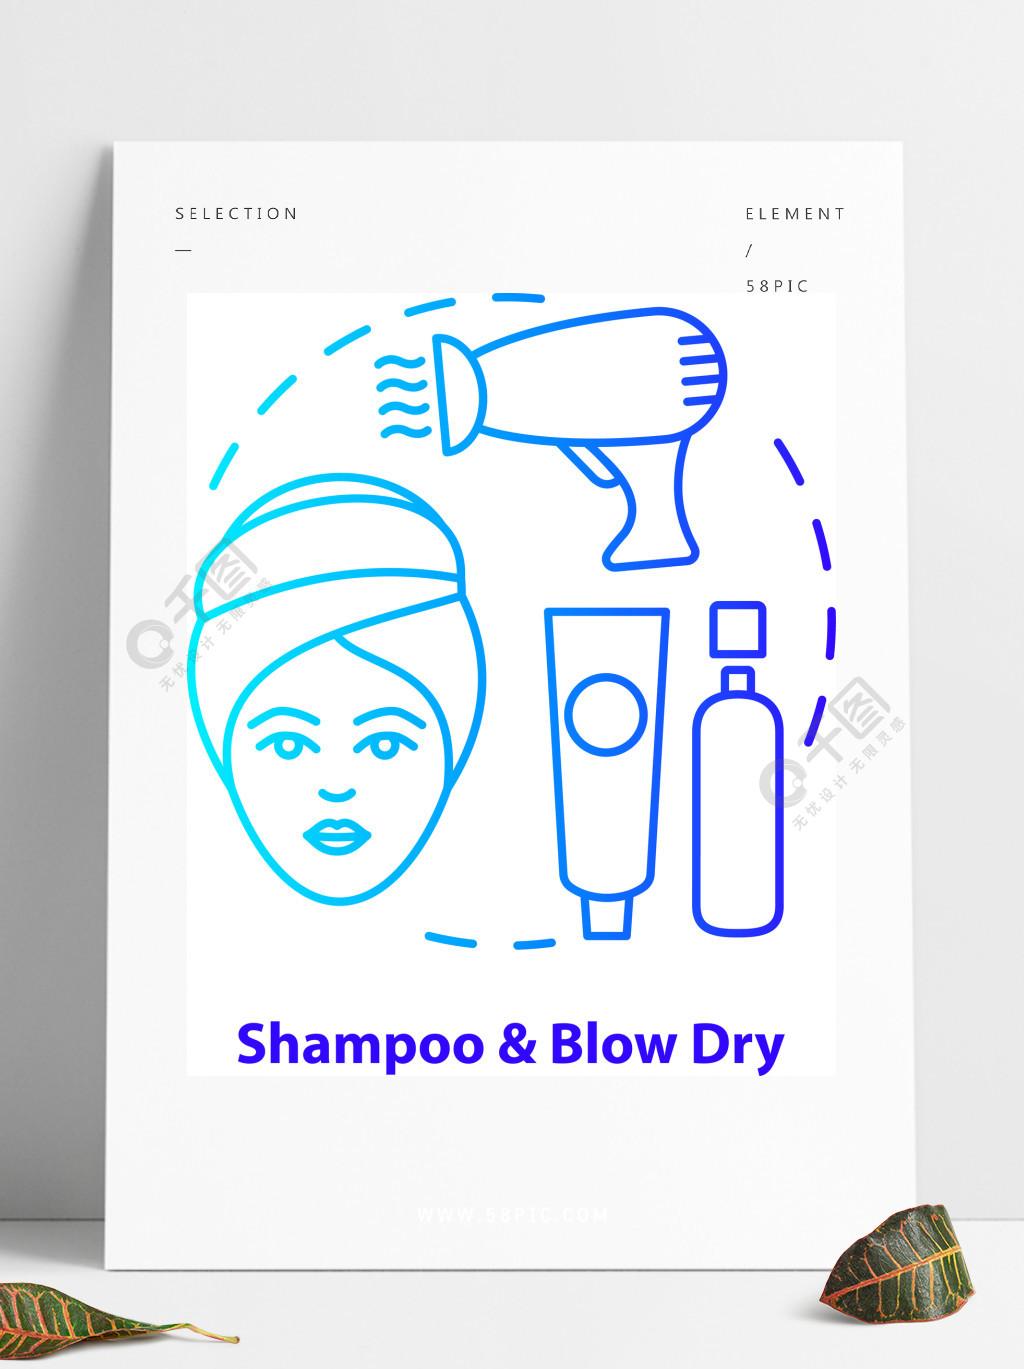 洗发水,吹干蓝色概念图标头发护理,治疗产品的想法细线图美发沙龙